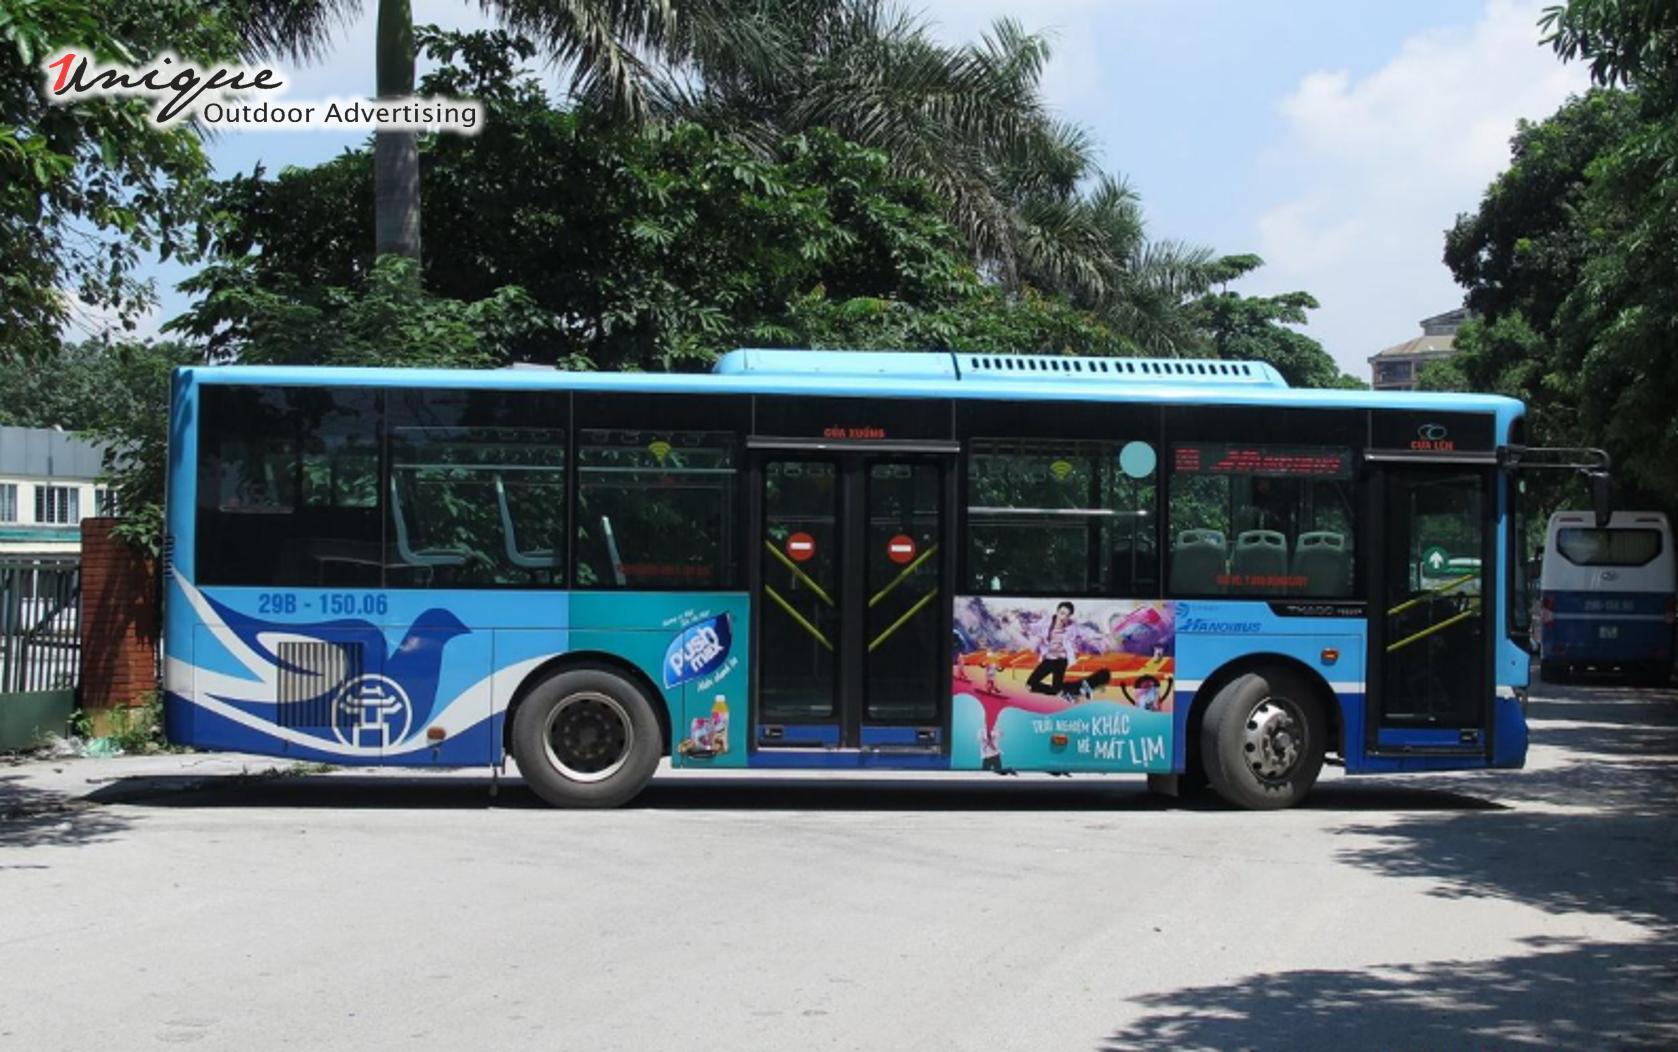 quảng cáo ngoài trời tại Hà Nội